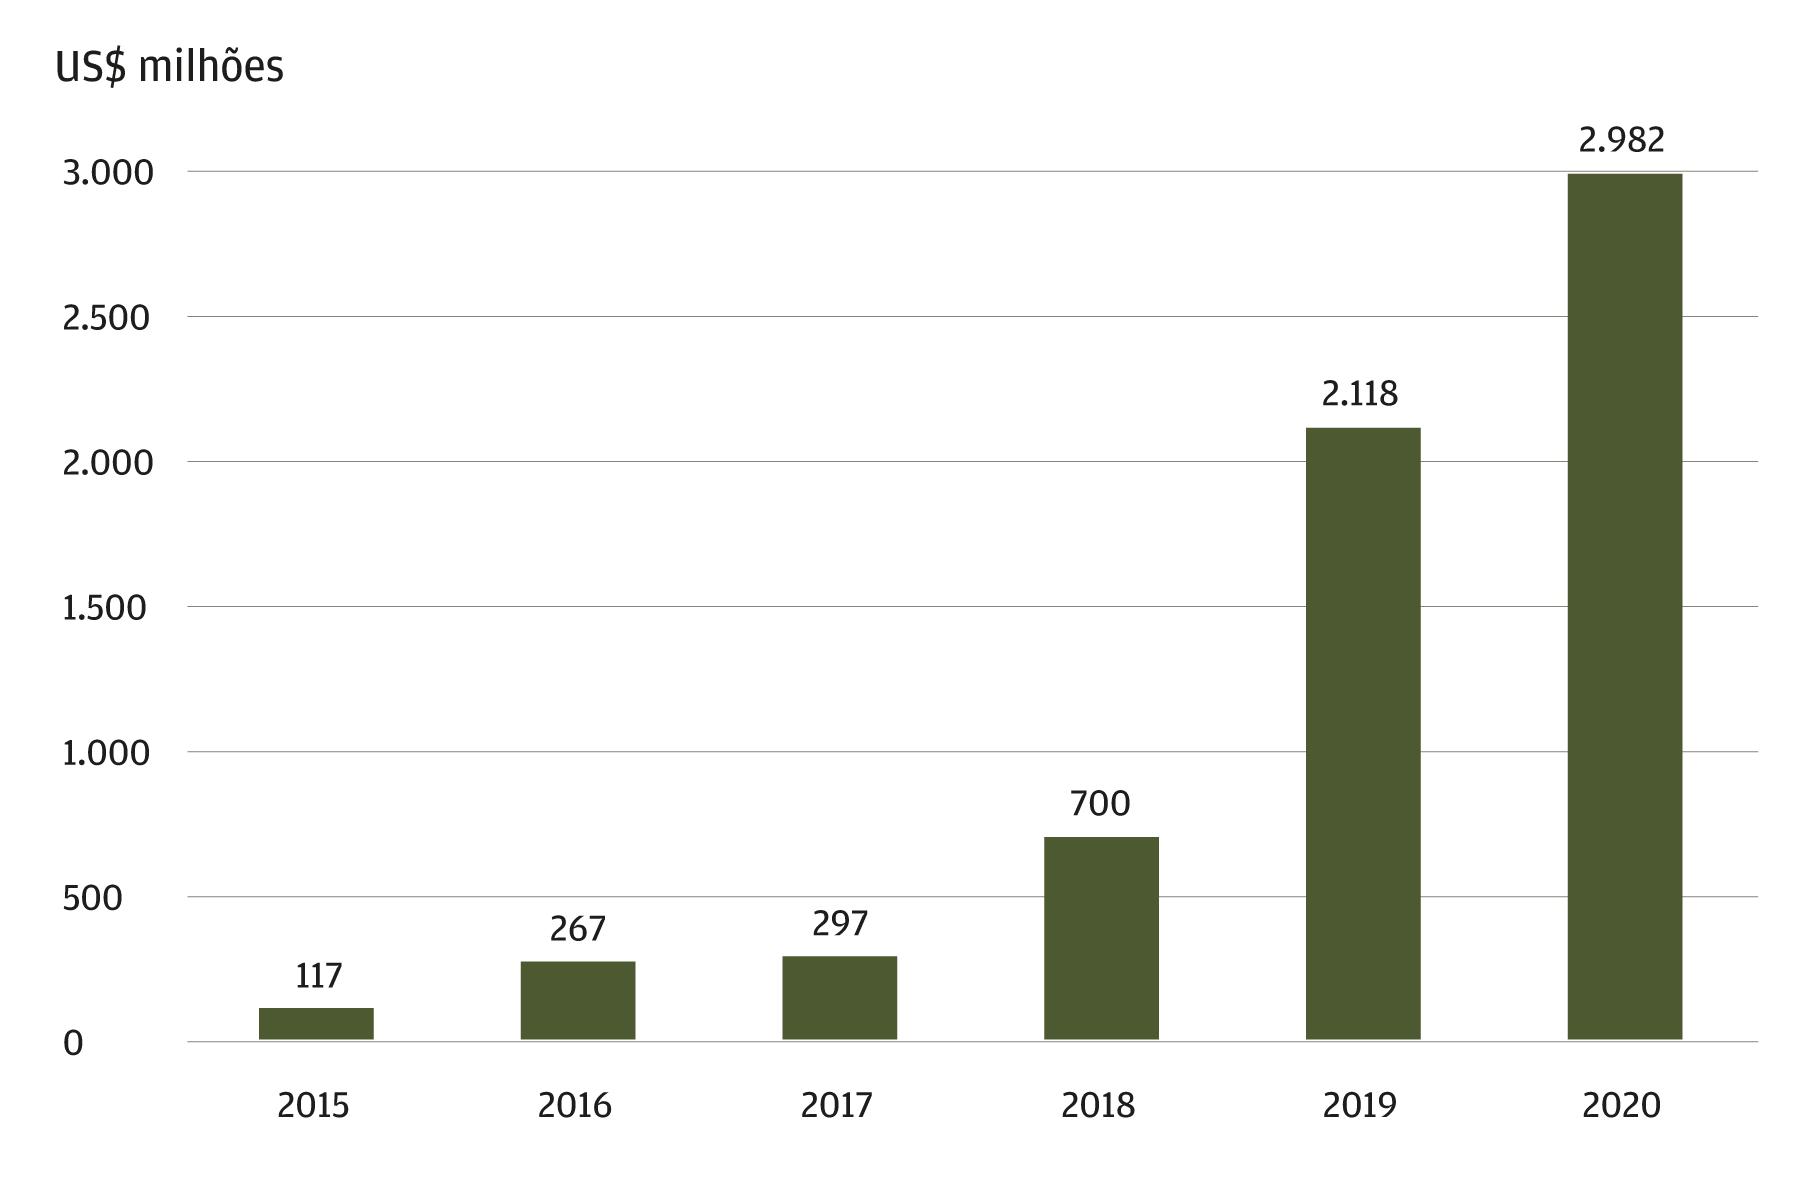 Financiamento anual de Fintechs latino-americanas, milhões de US$